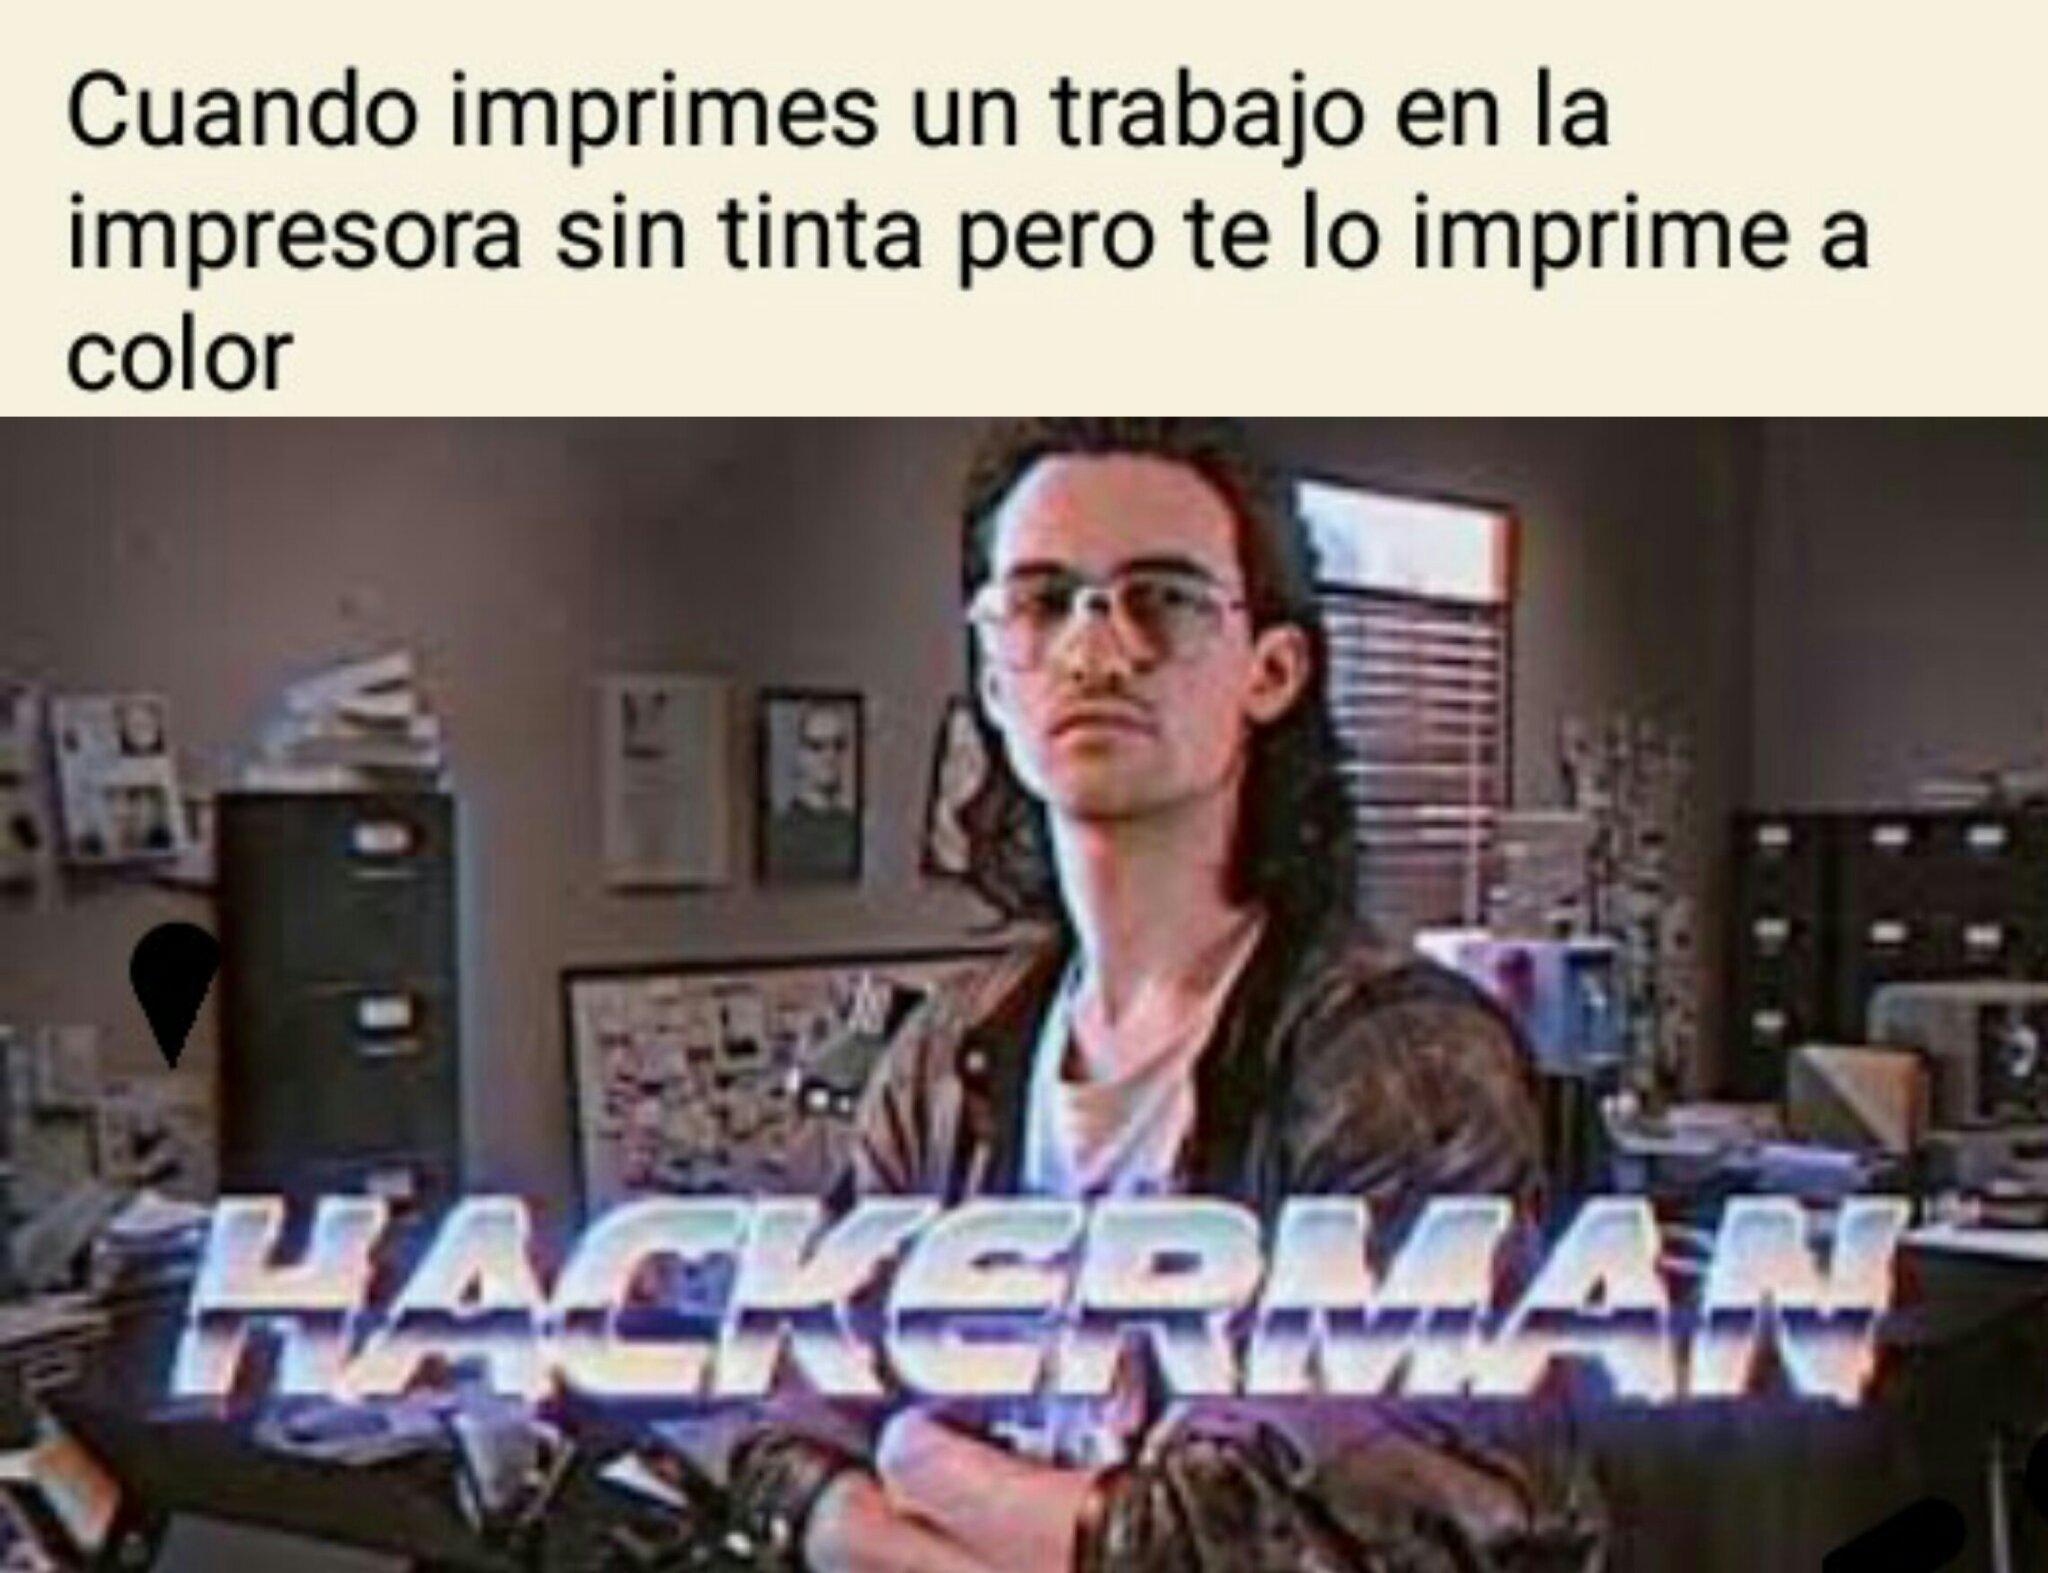 Gj - meme